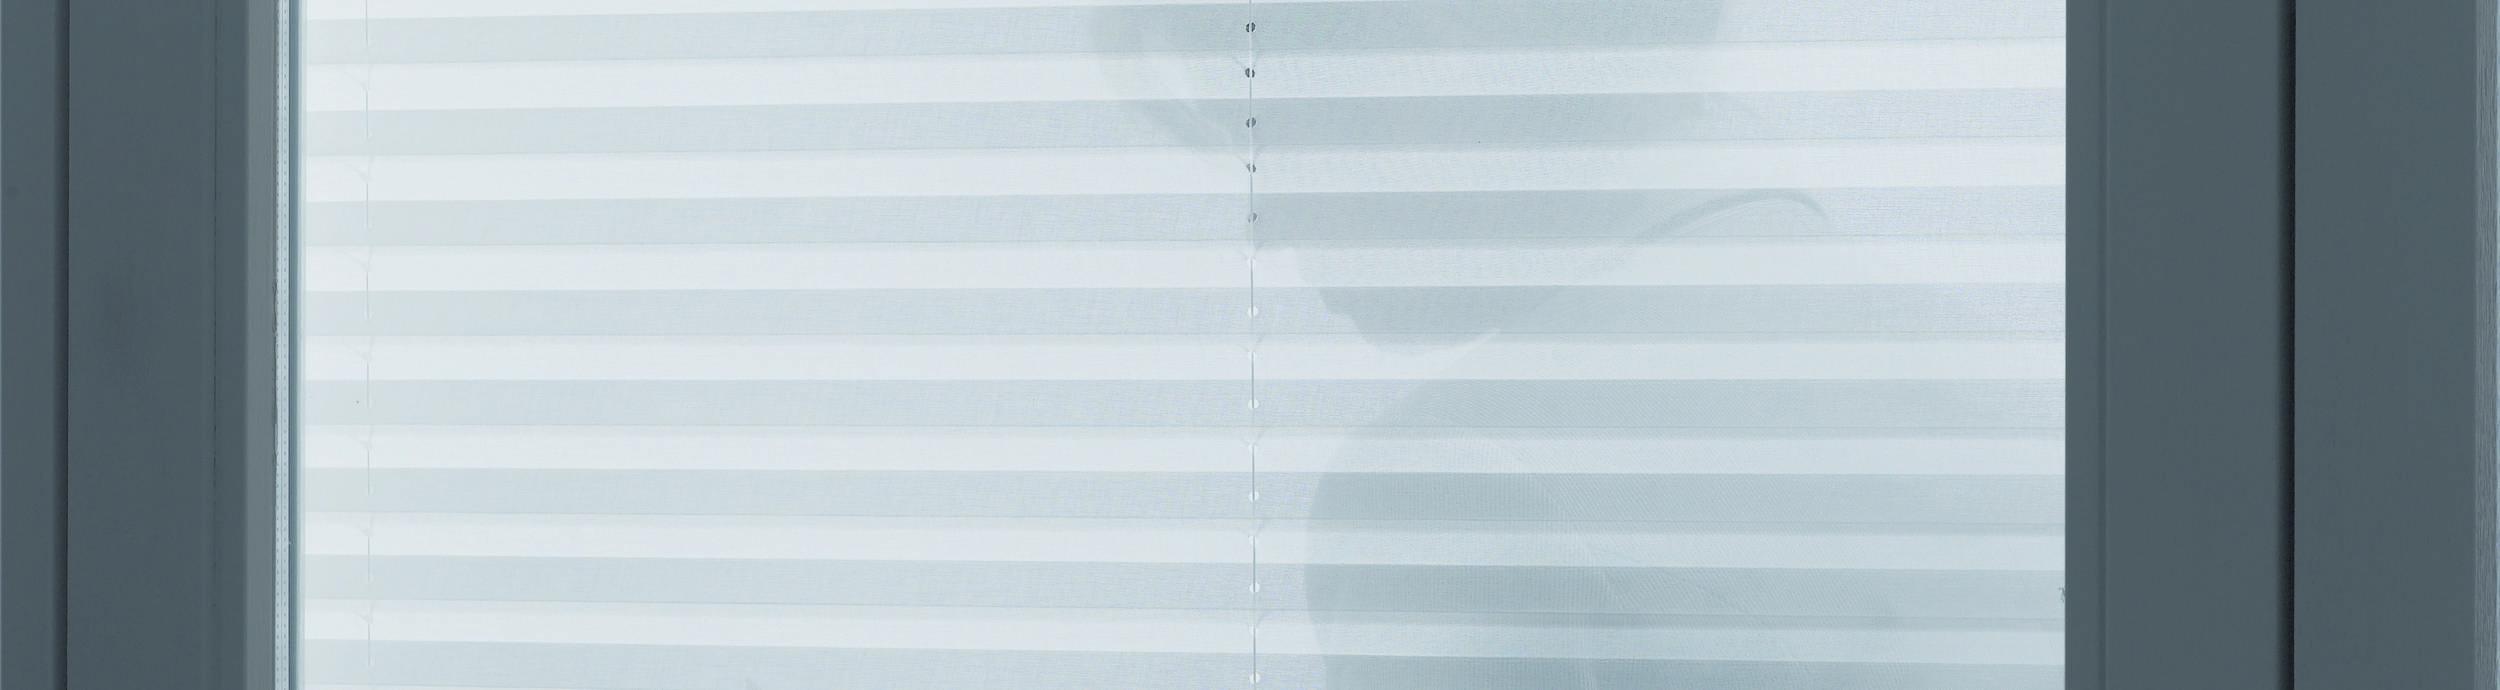 Luxaflex Plissee transparant